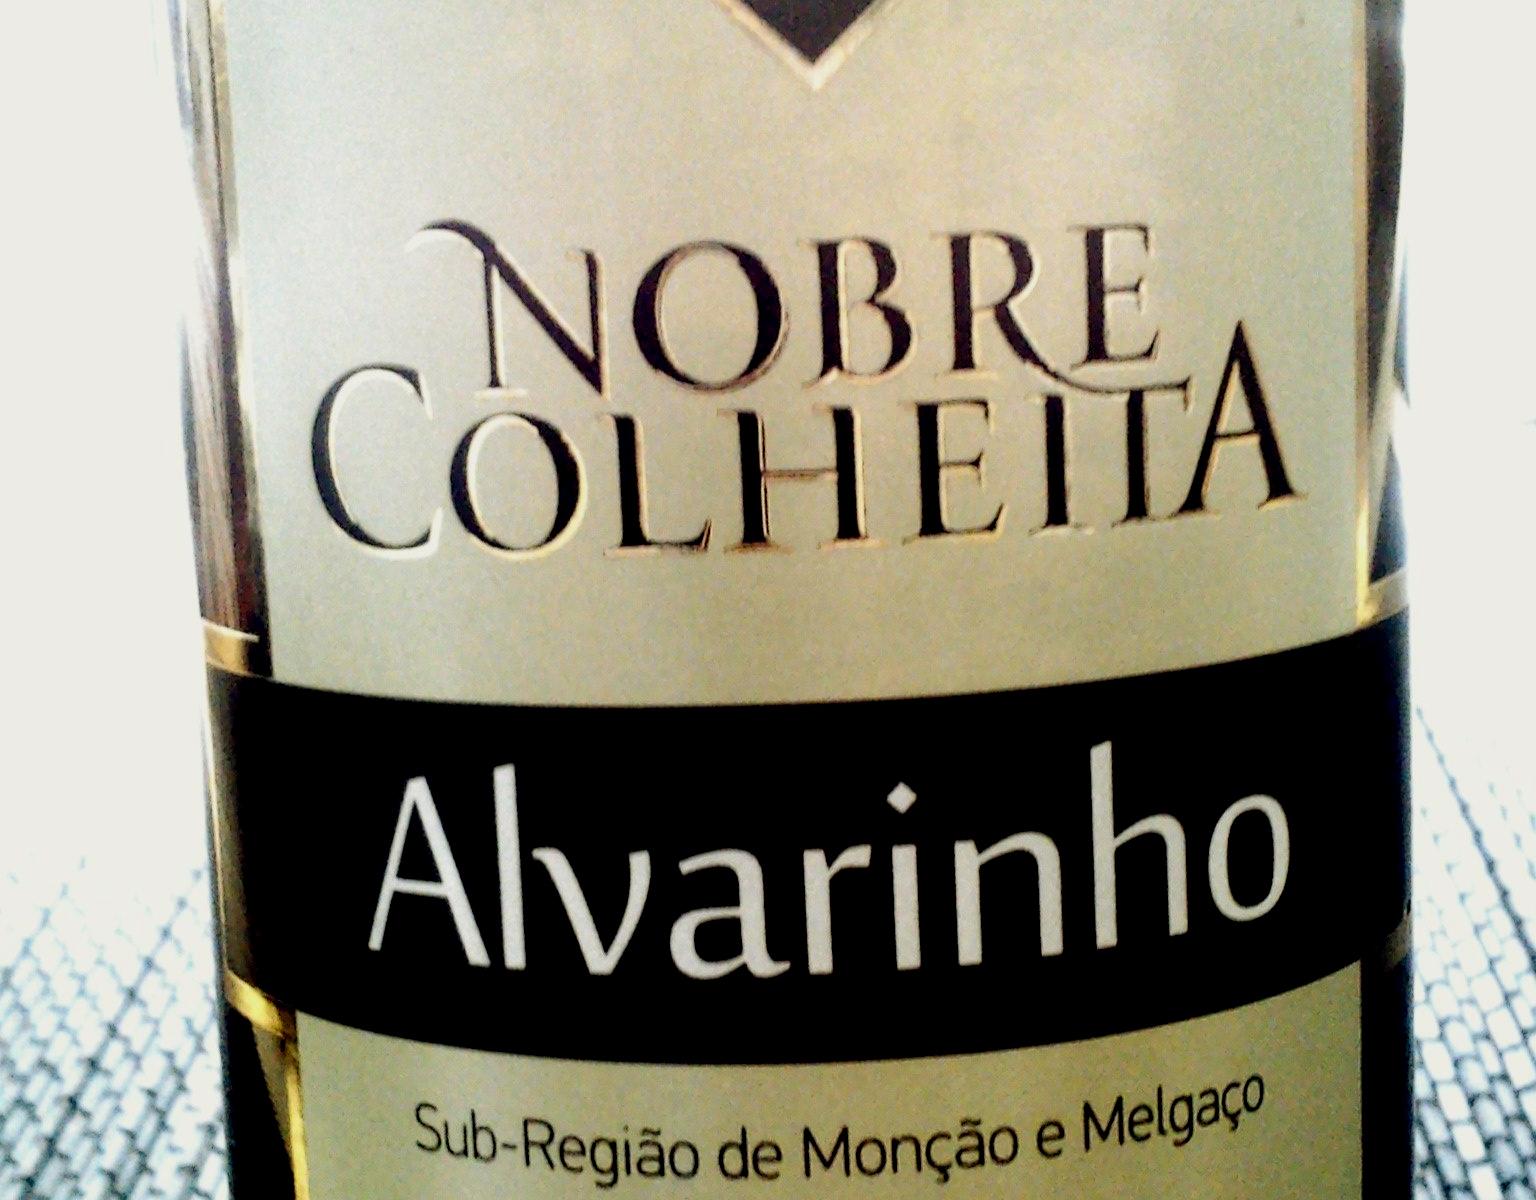 Nobre Colheita Alvarinho Vinho Verde DOC 2013